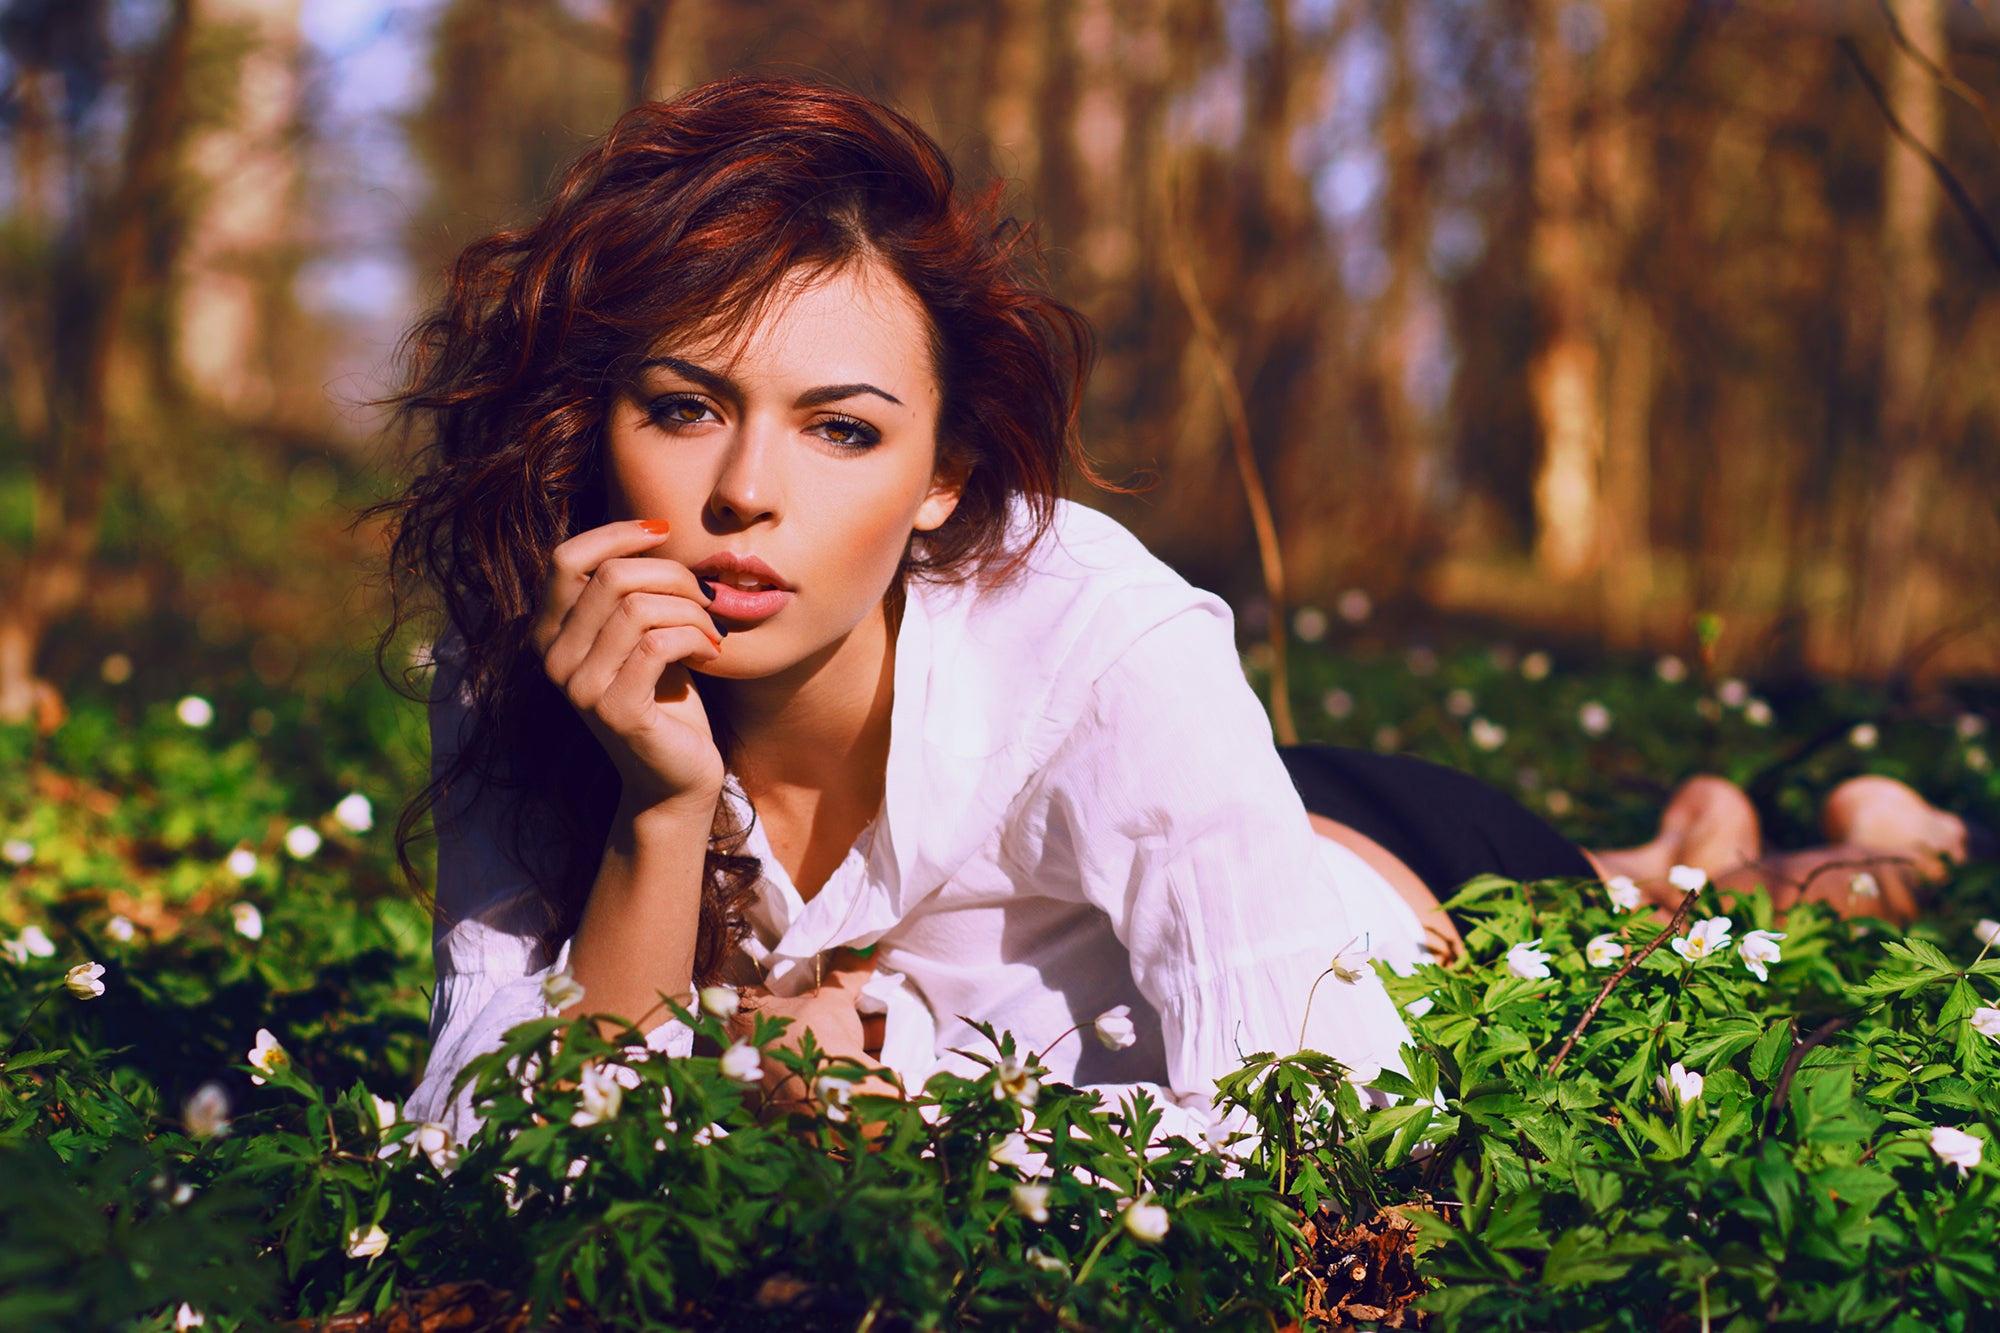 Фотосессия натуральных женщин, Сиськи без силикона на фото - голая натуральная грудь 17 фотография